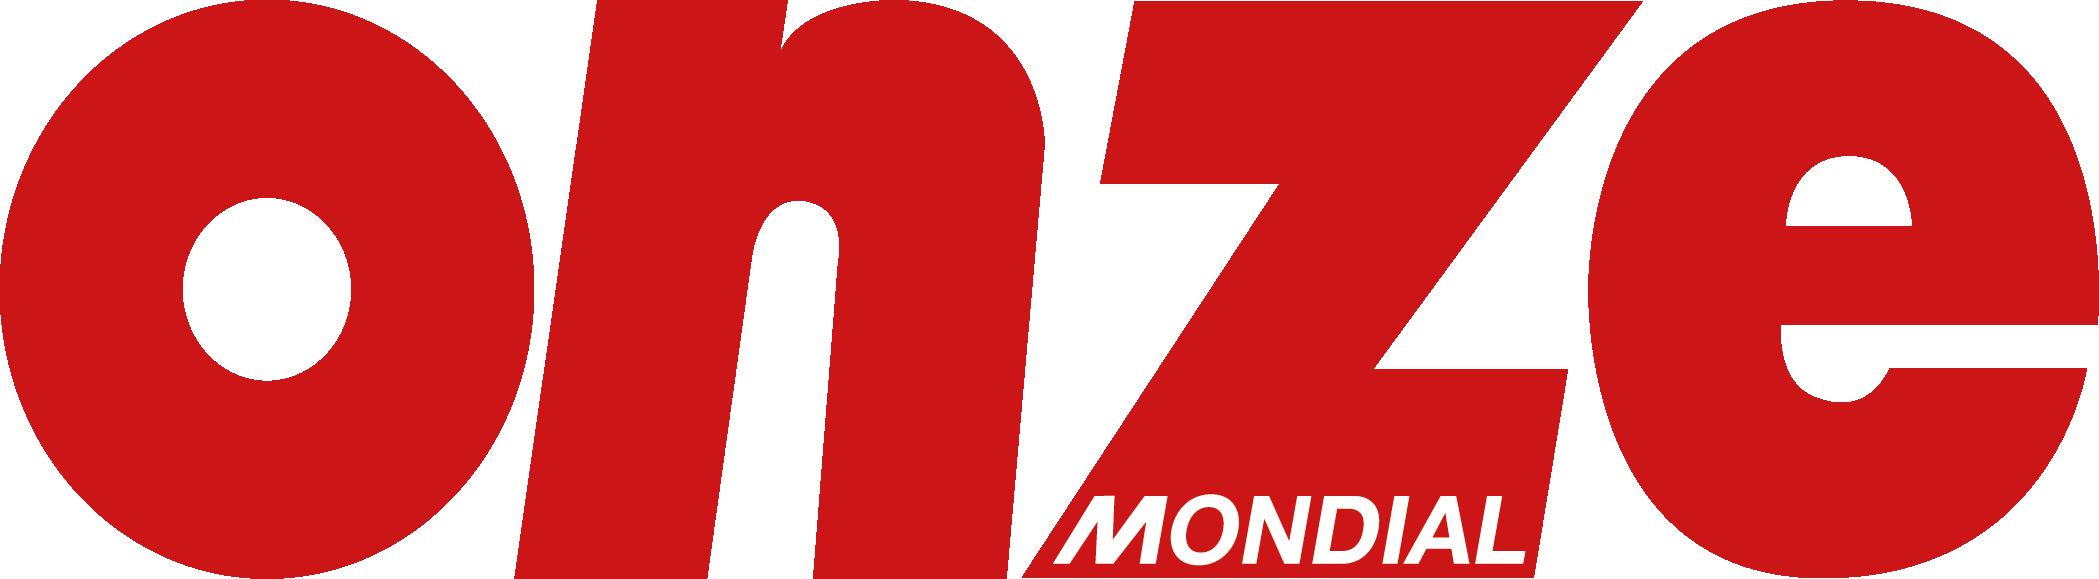 logo-onze-mondial-hdpng-93990